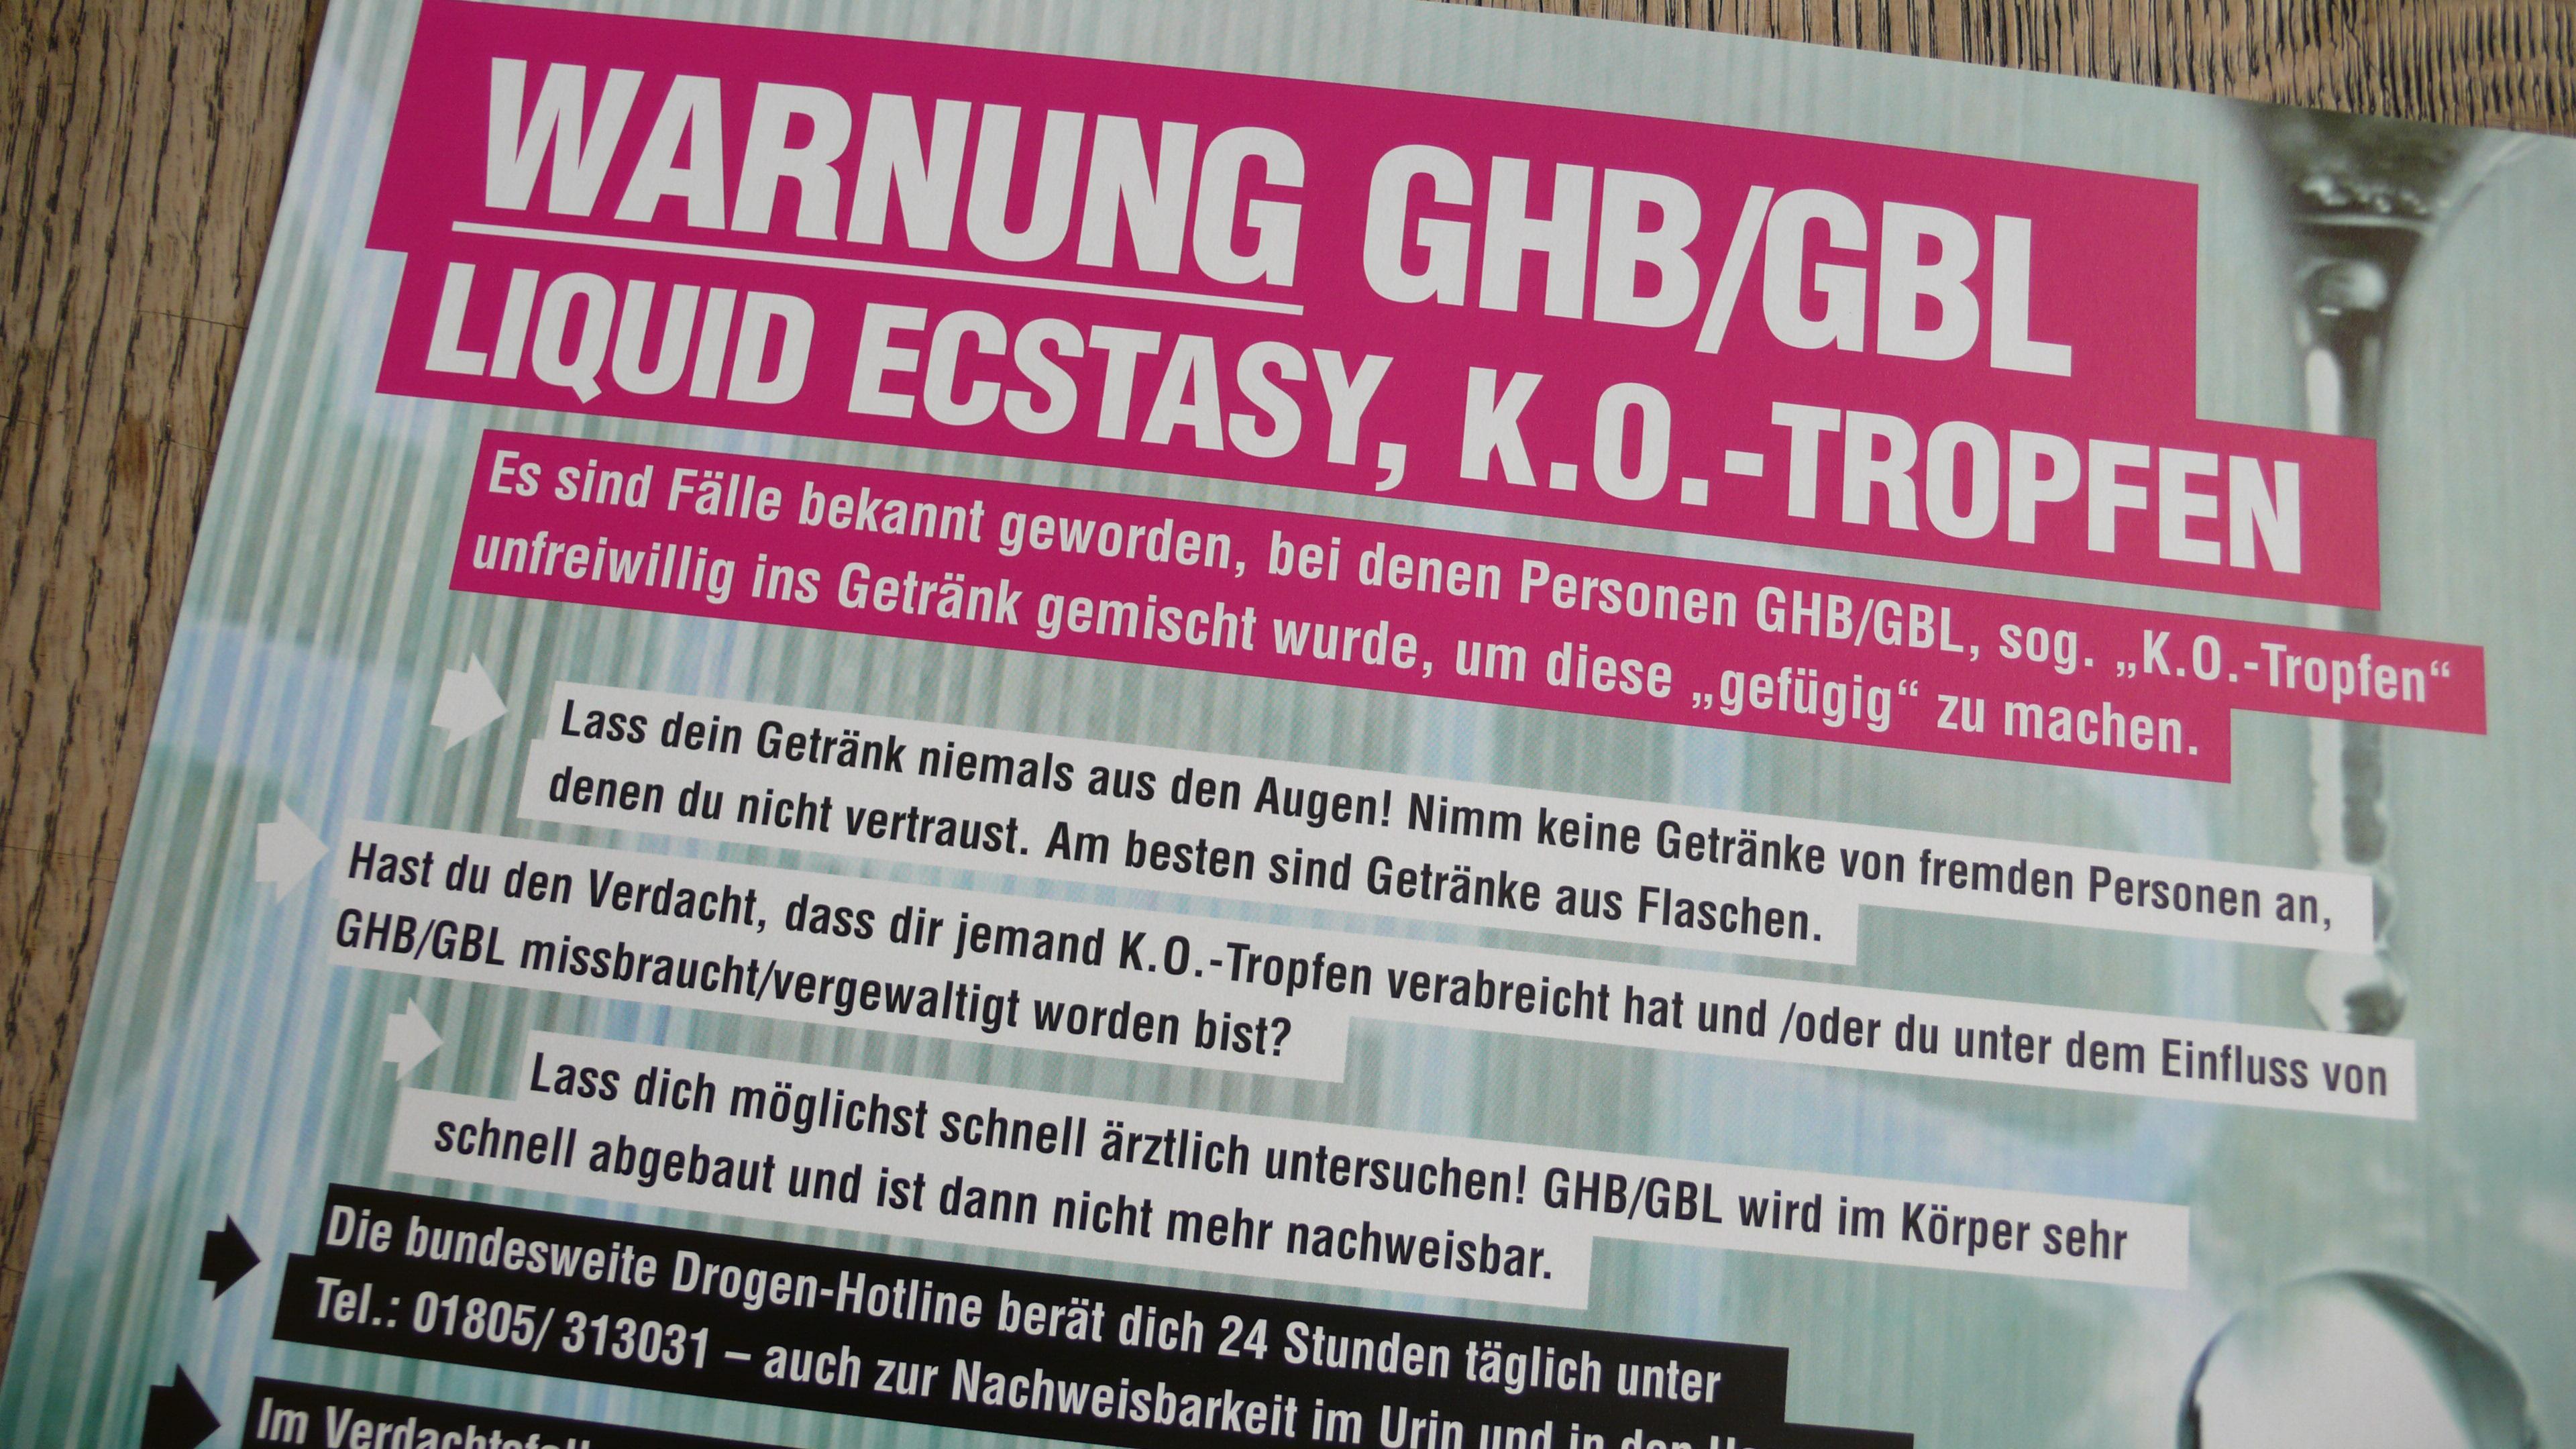 GHB _ GBL - Liquid Ecstasy / K.O.-Tropfen